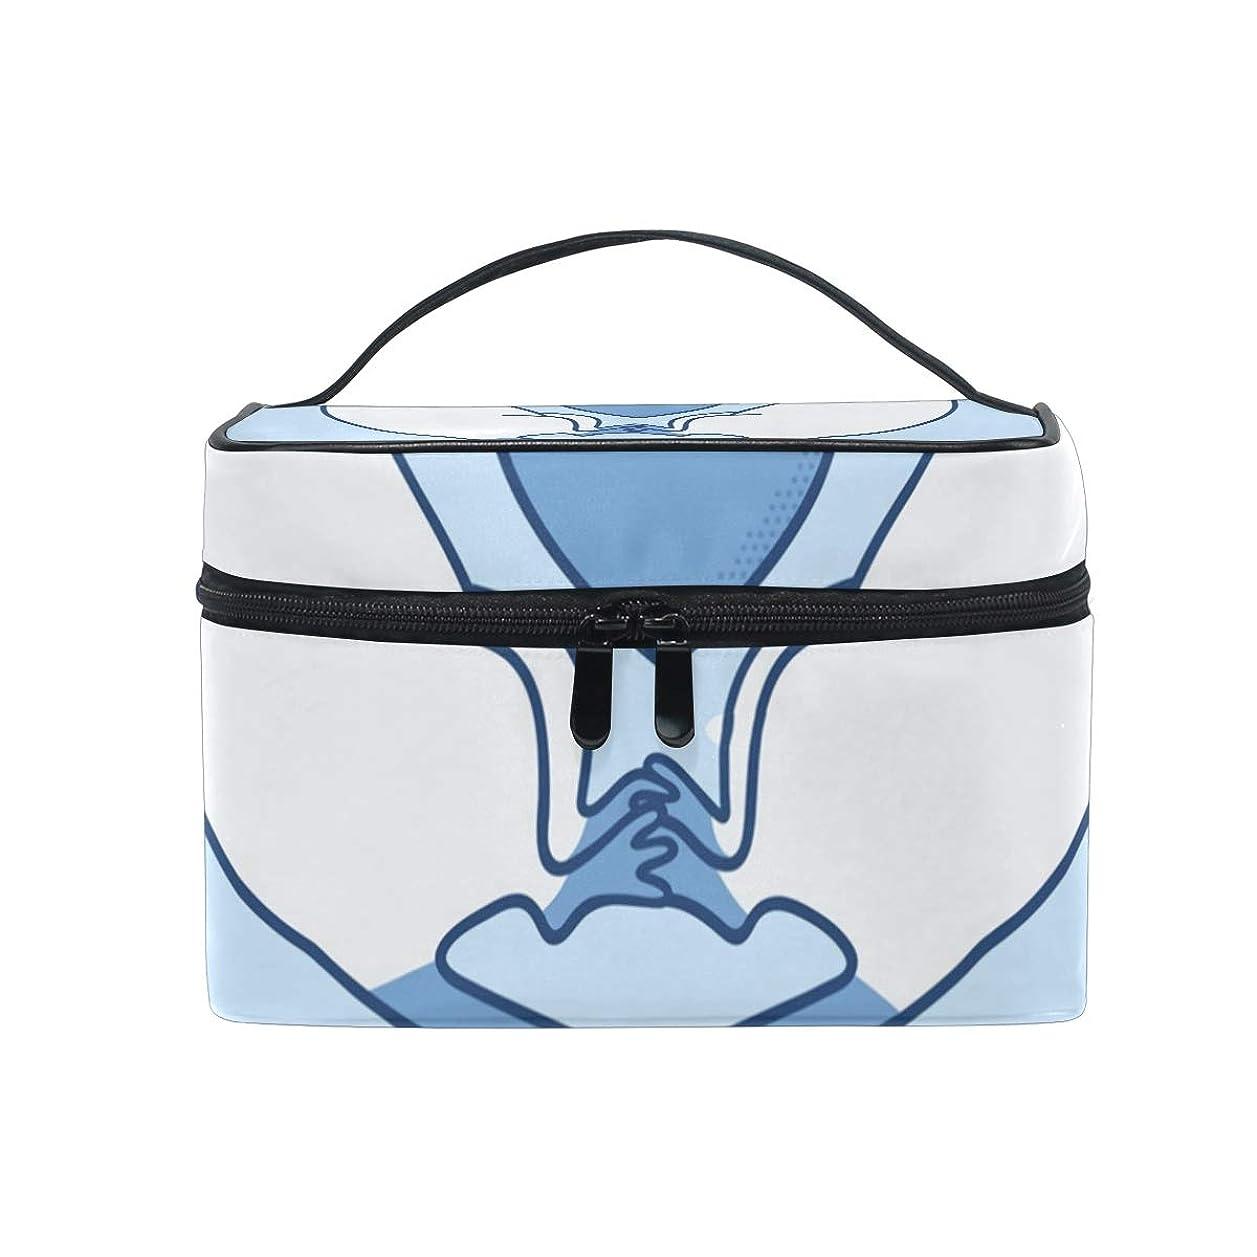 平らな制裁理解するメイクボックス ラットは心を愛する柄 化粧ポーチ 化粧品 化粧道具 小物入れ メイクブラシバッグ 大容量 旅行用 収納ケース